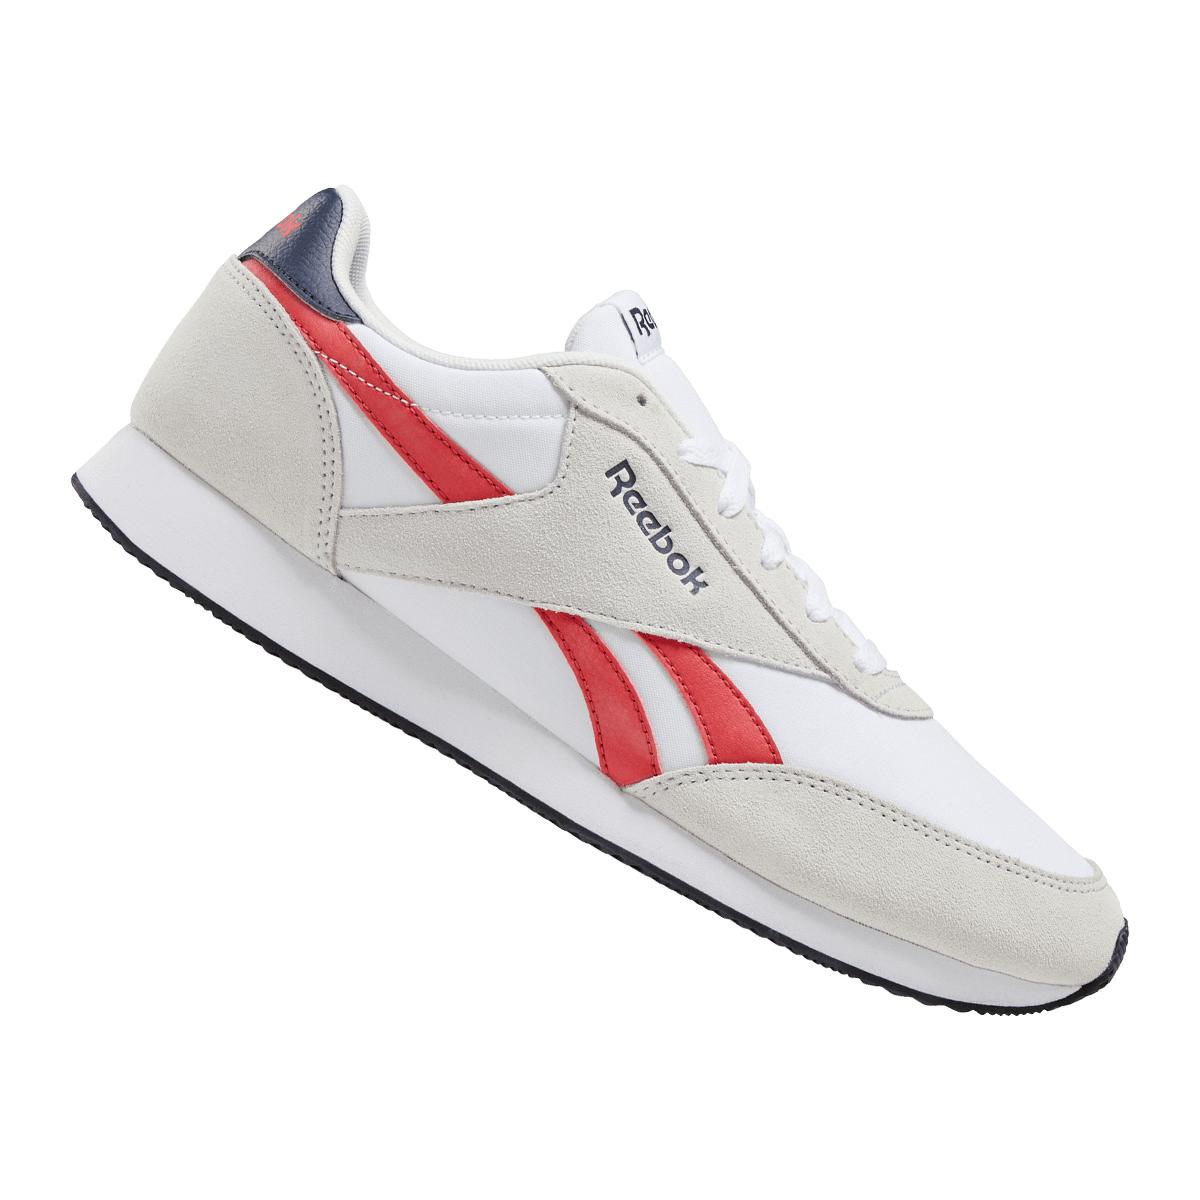 Sélection de chaussures en promotion - Ex : Chaussure Reebok Royal CL Jogger II blanc / rouge